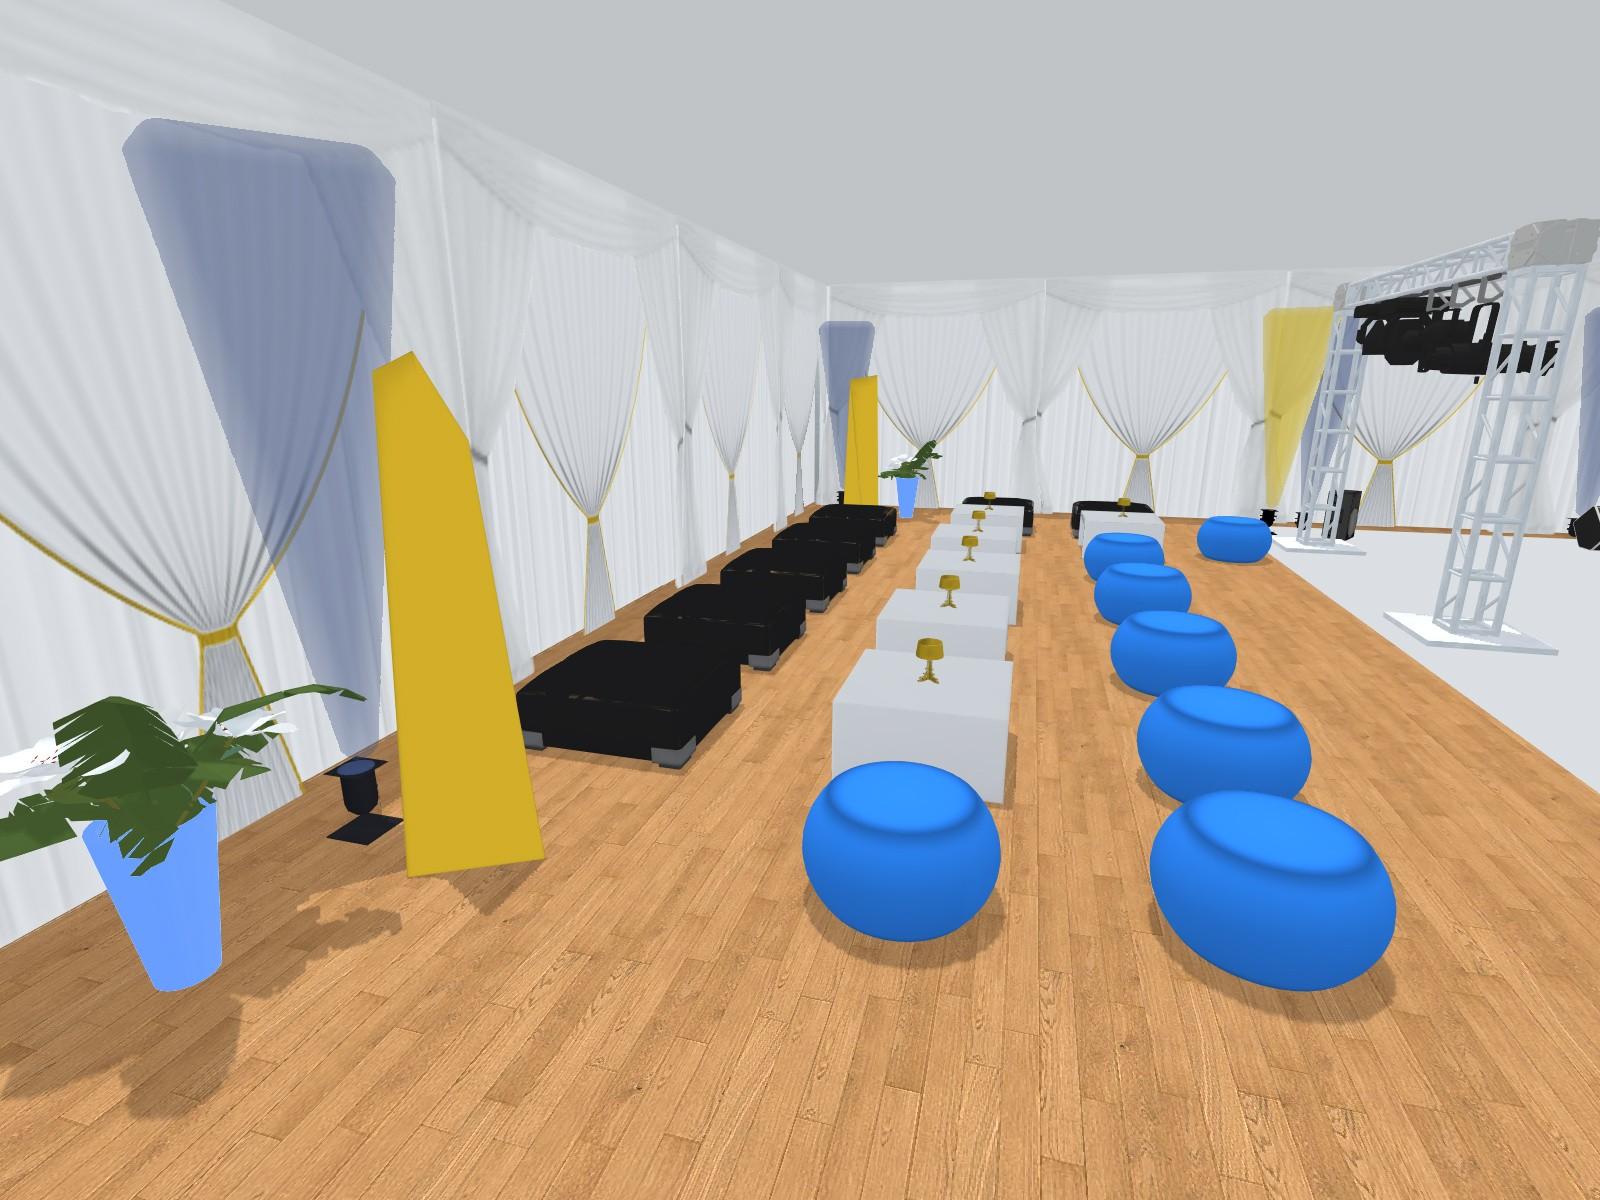 Prestations Plan 3d Evenement Mariage Anniversaire Décoration Evenementielle France Implantation 3d Danceflor Cote Detentebas